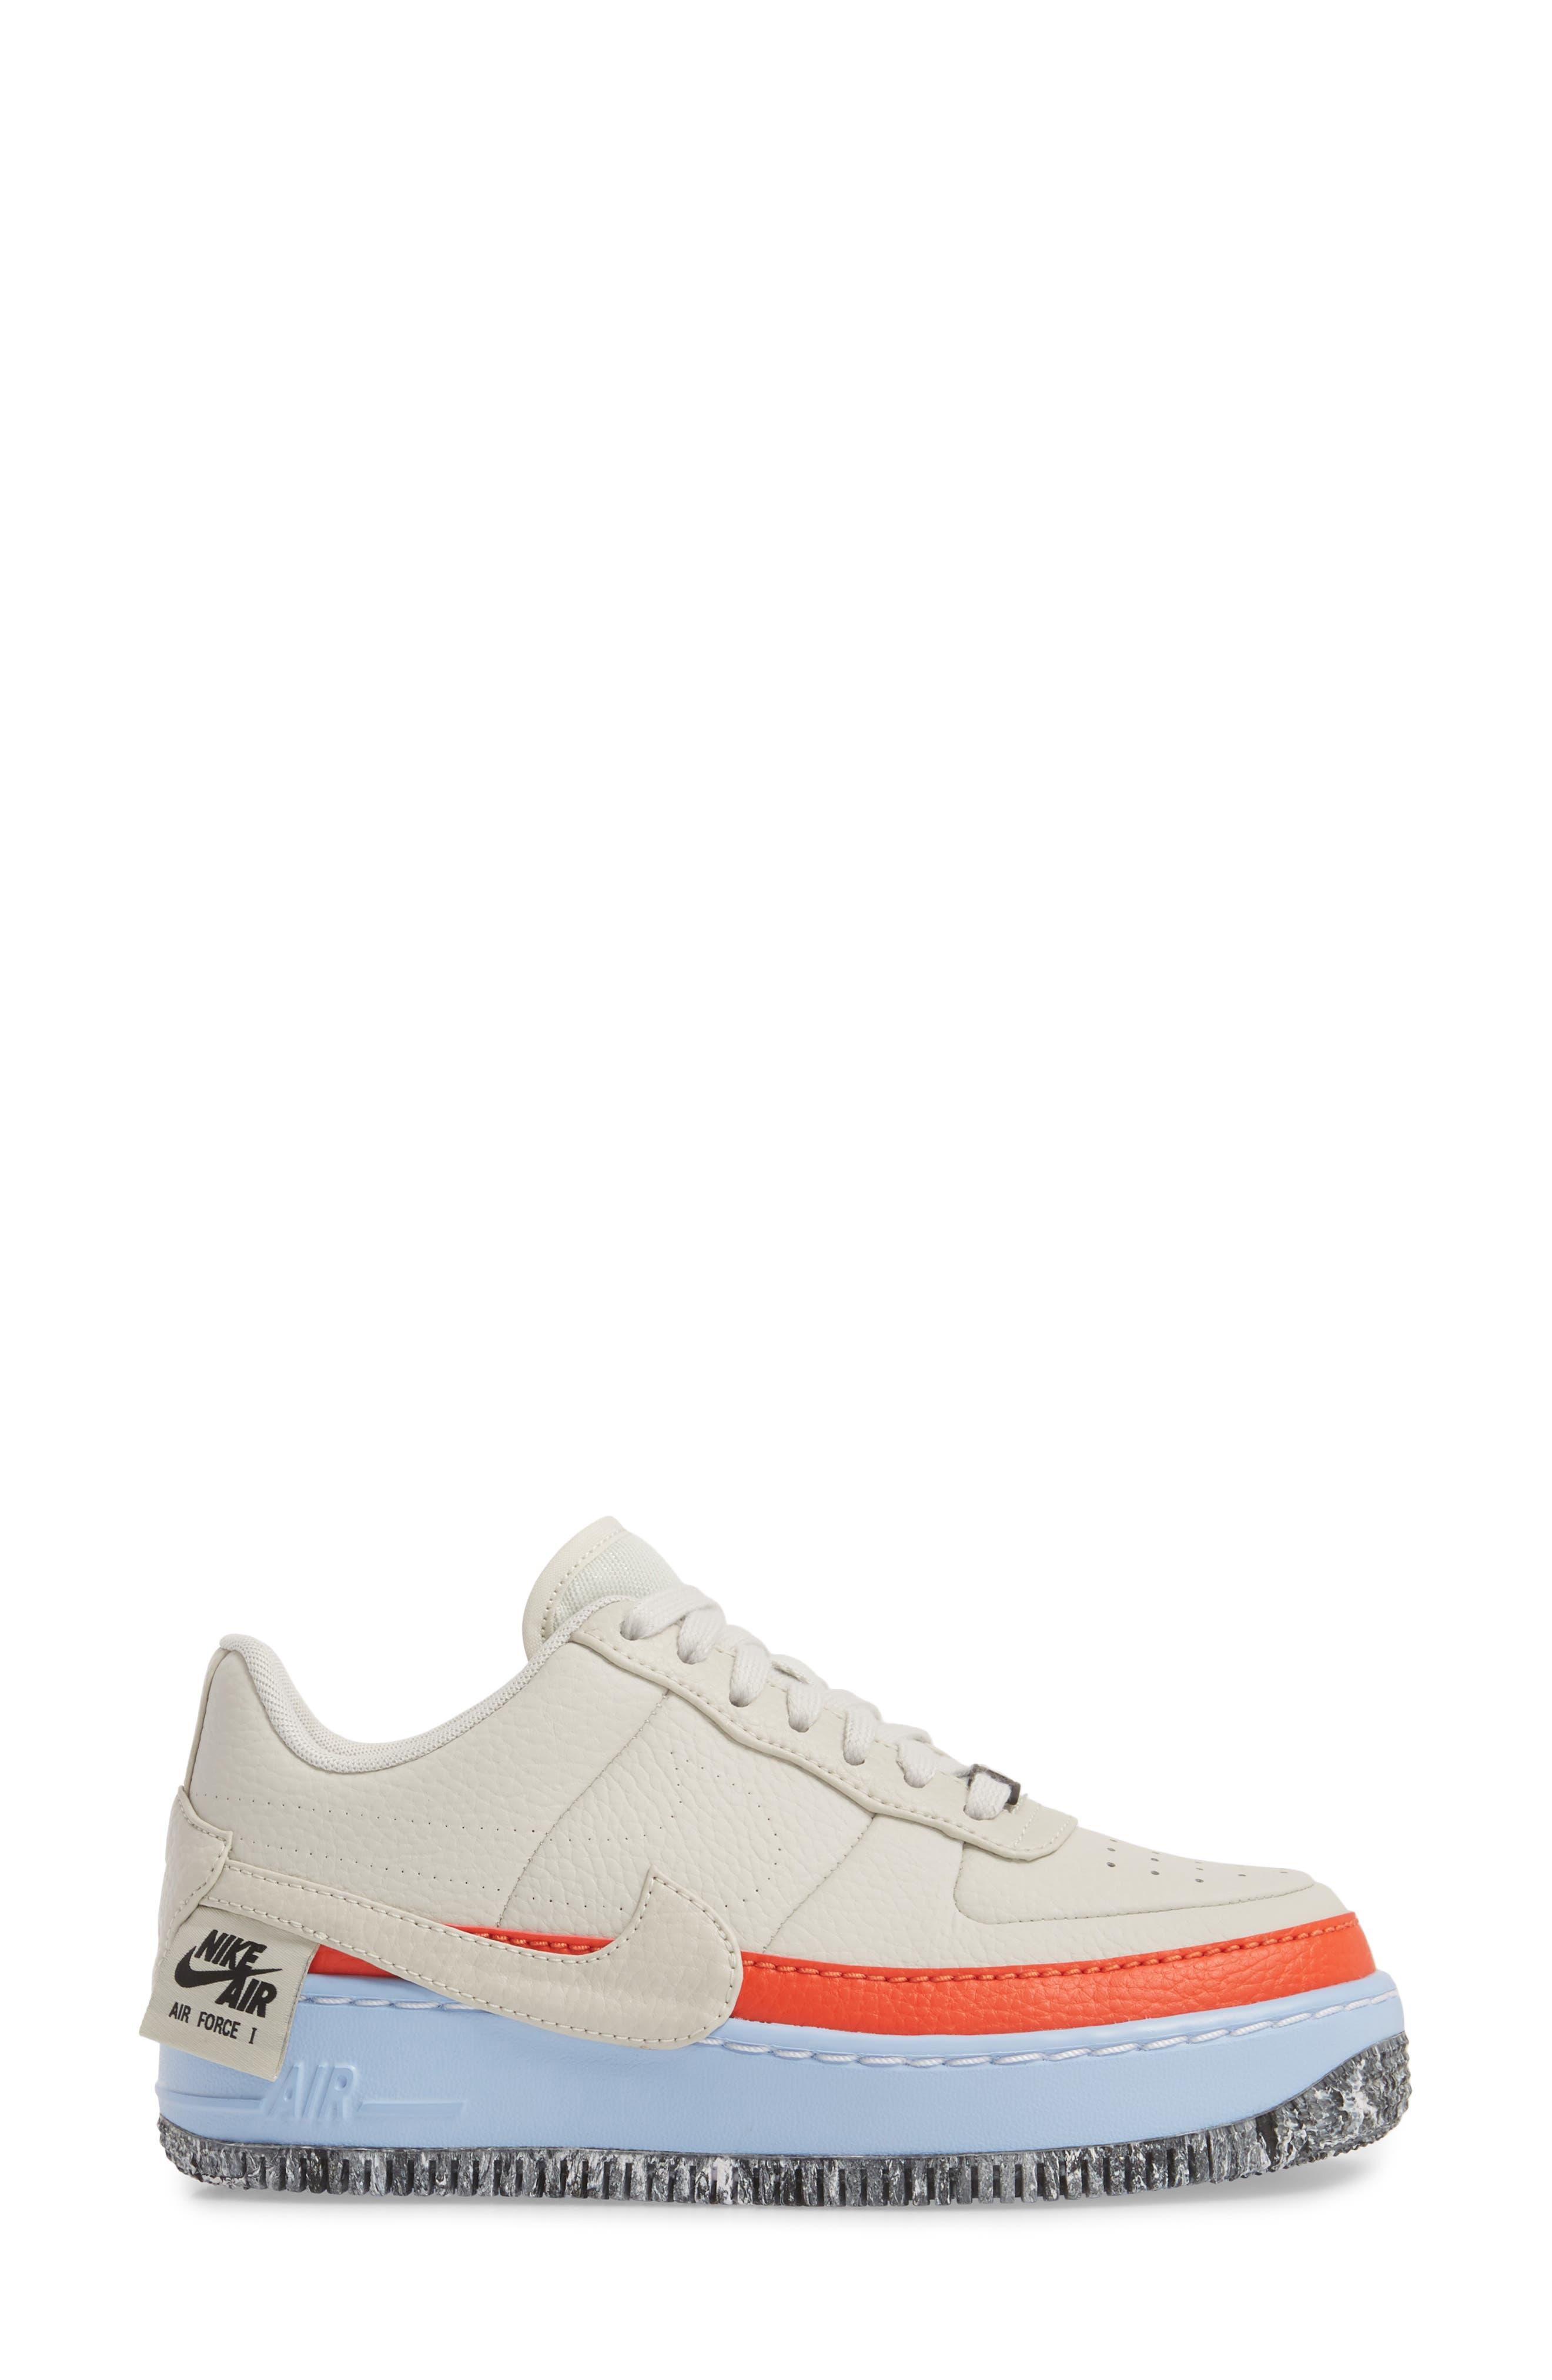 Air Force 1 Jester XX Sneaker,                             Alternate thumbnail 3, color,                             LIGHT BONE/ TEAM ORANGE